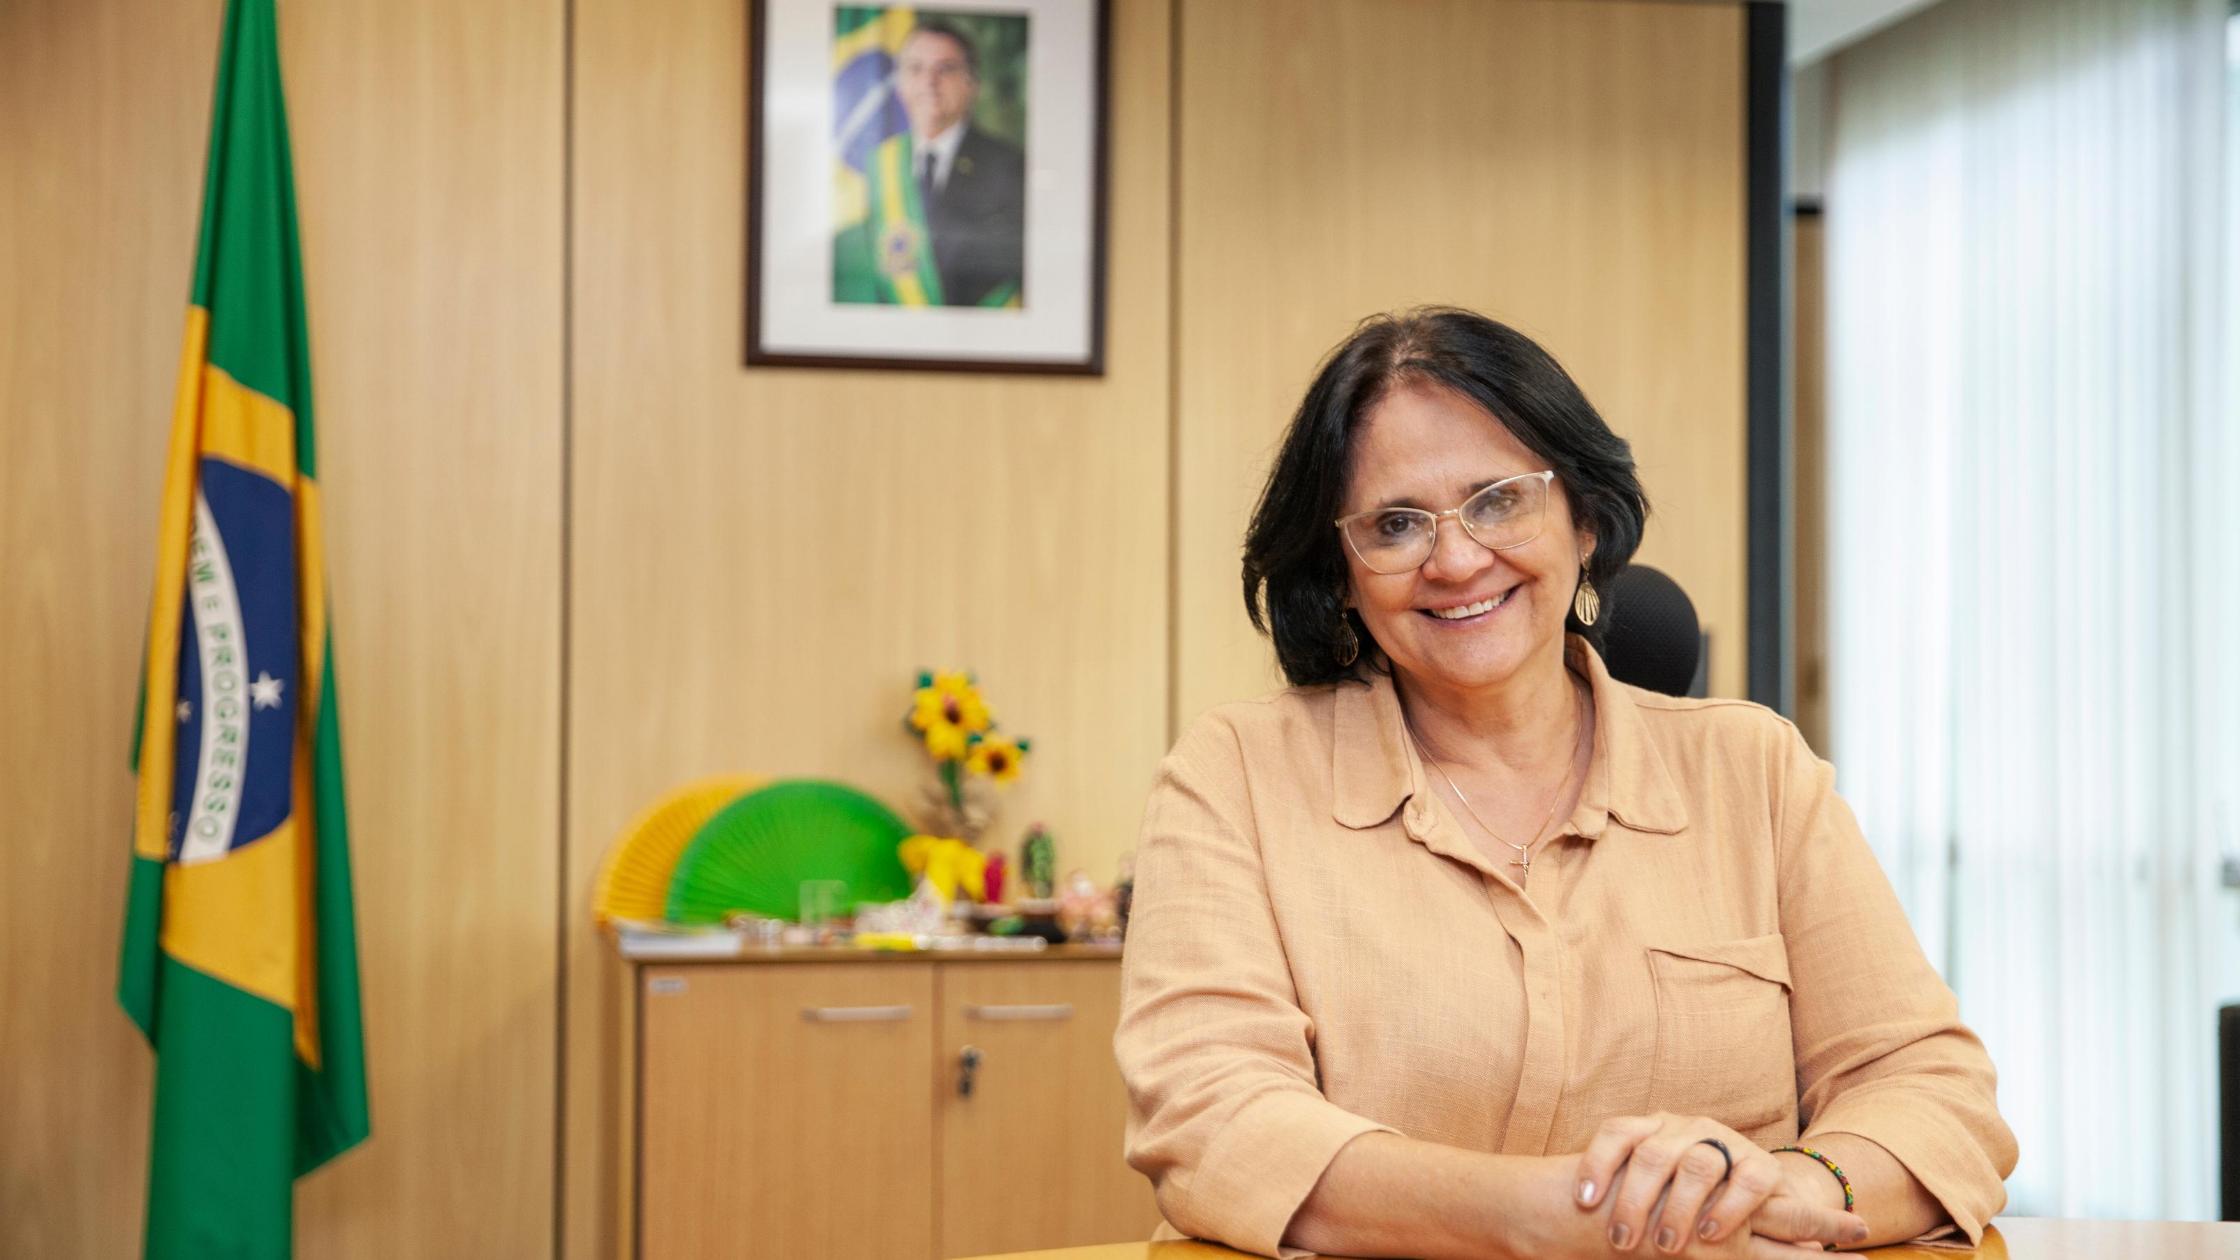 Igreja, educação e Direitos Humanos: a trajetória da ministra Damares Alves  - Prospecta Educacional